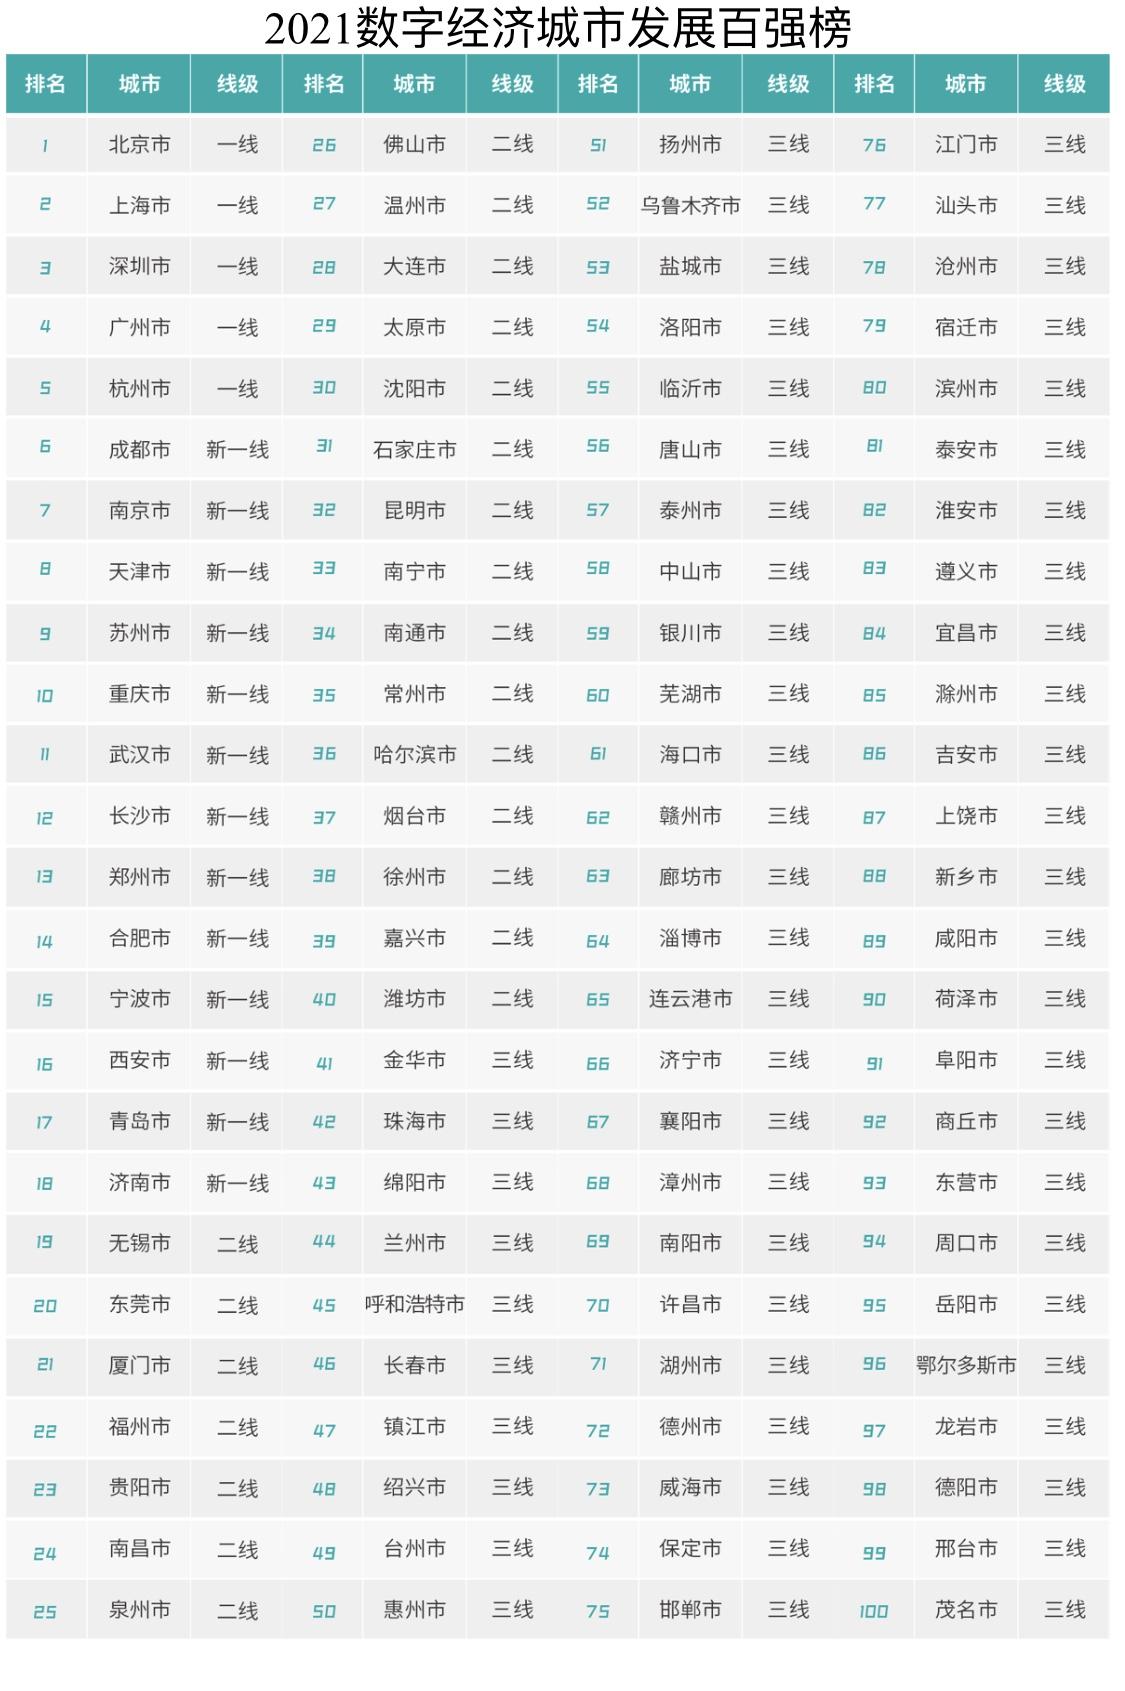 中国gdp各市_亚洲最富城市:在中国且人均GDP超北上广,仅一个发达国家能媲美